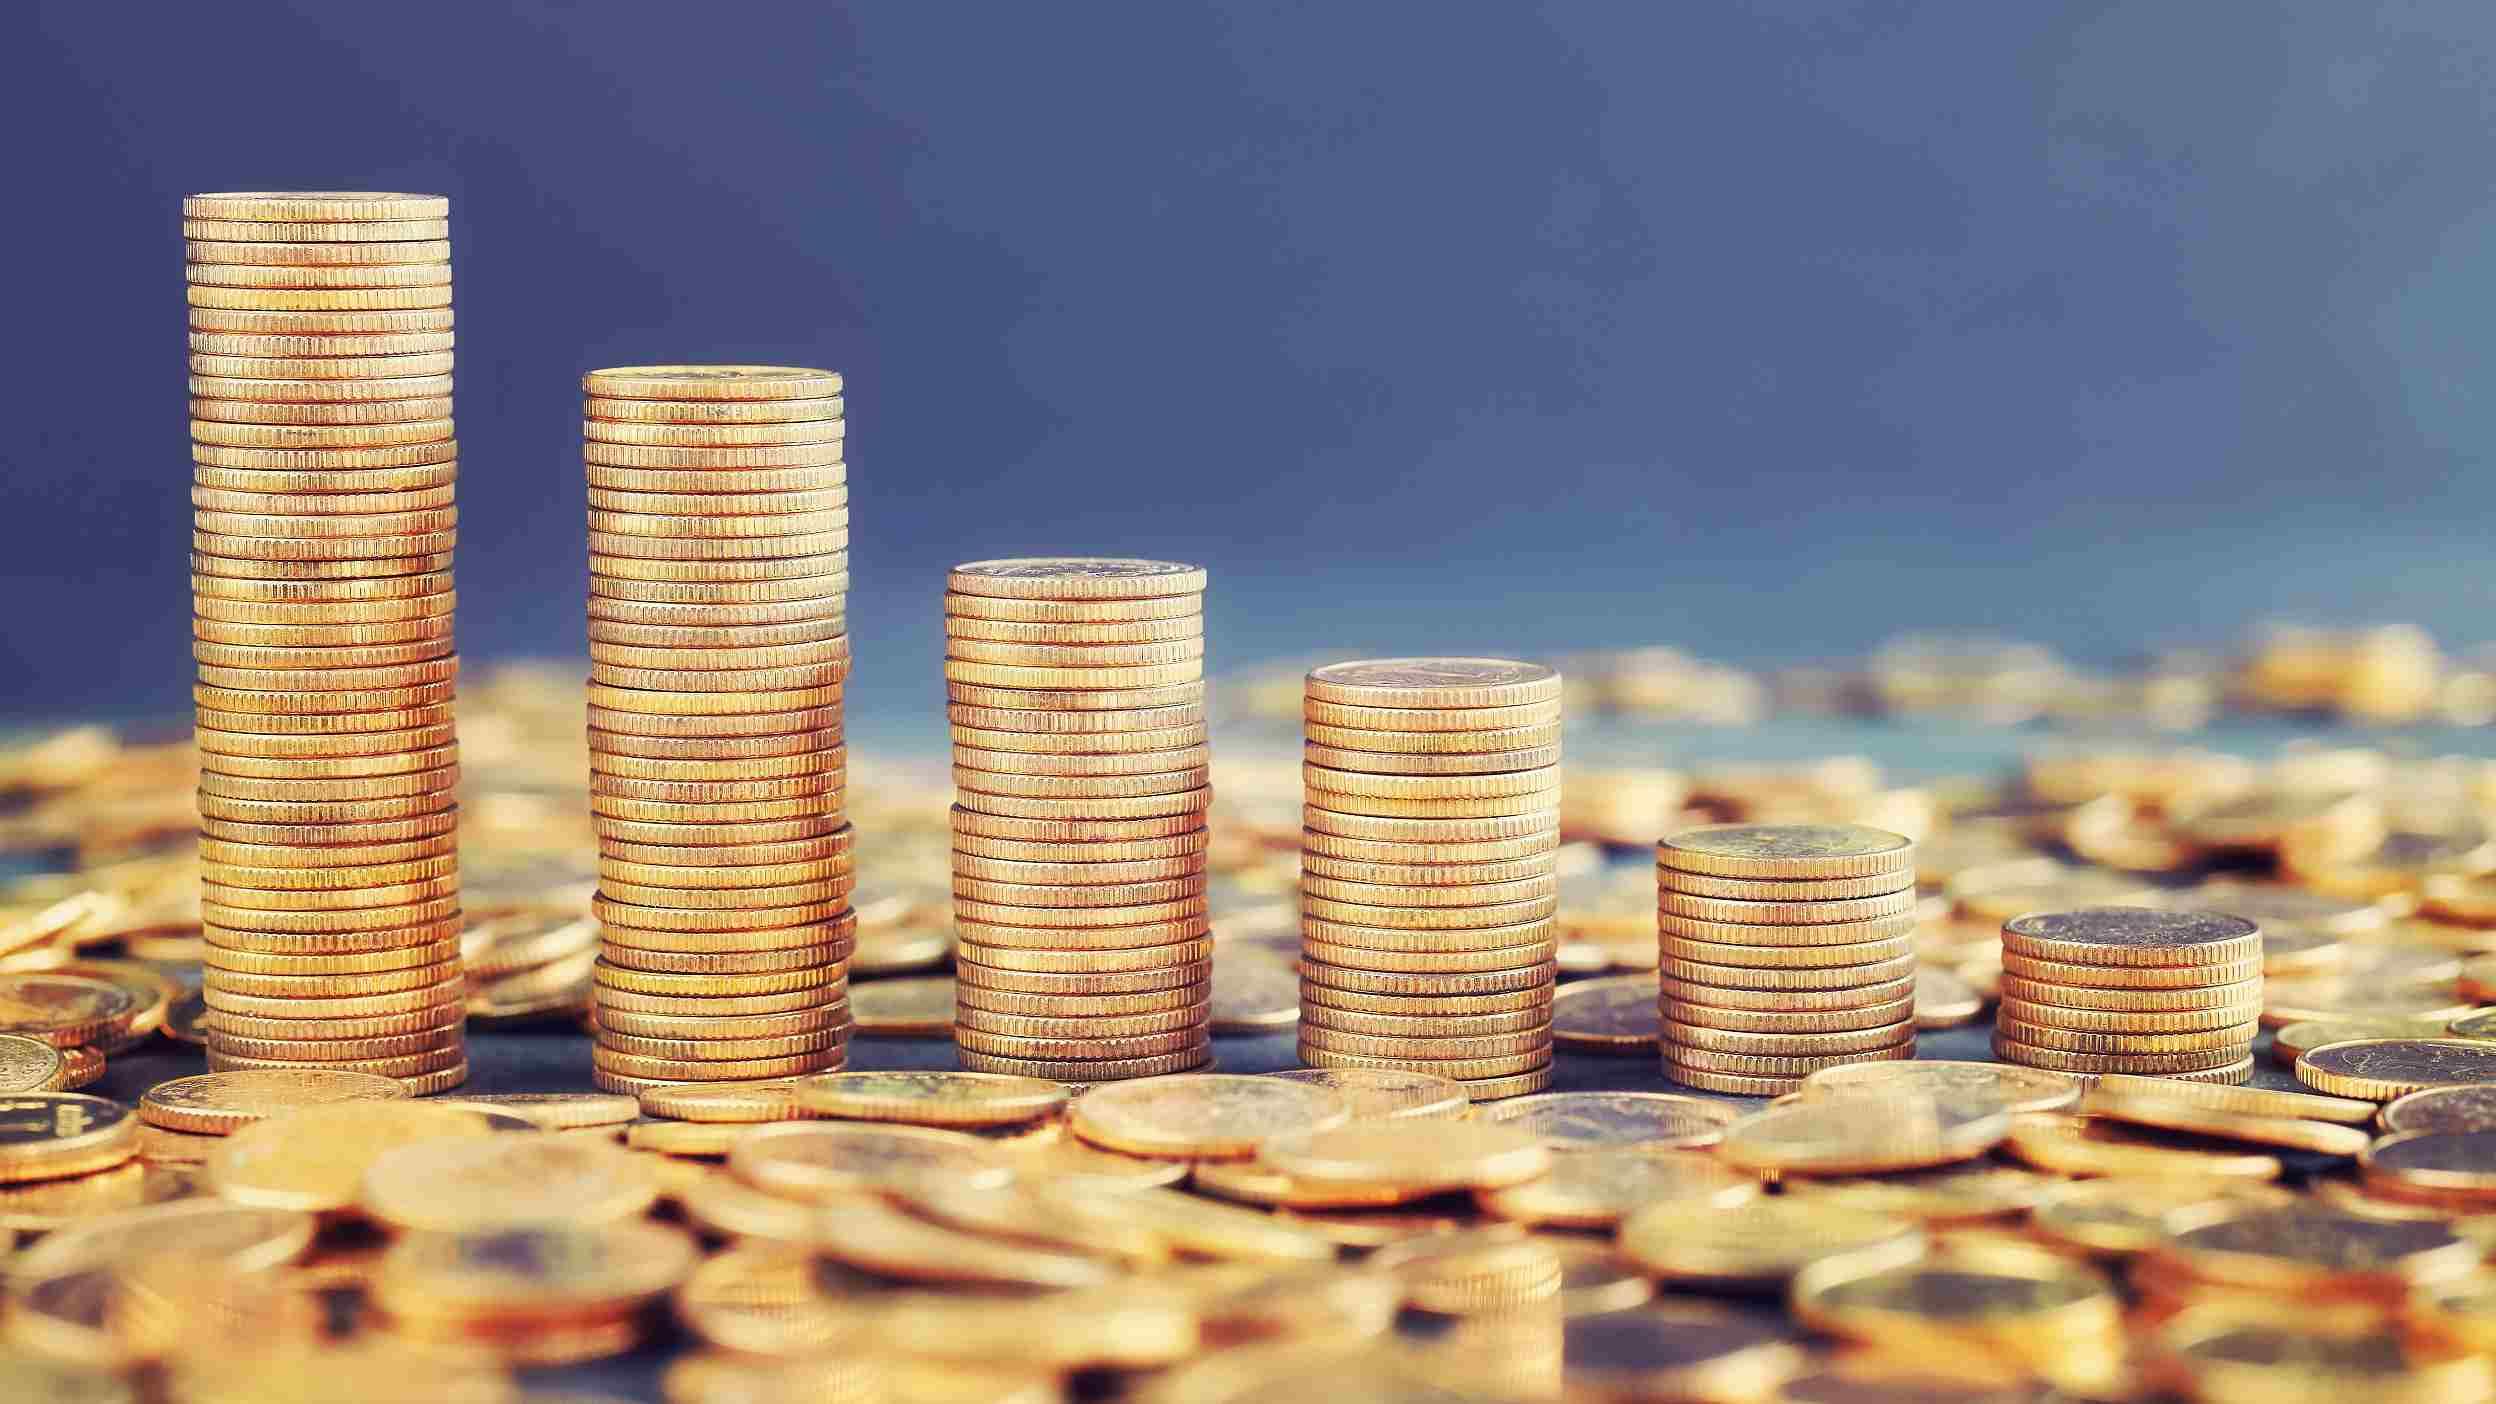 Reverse repo - افزایش قیمت بیت کوین با رسیدن توافقات بازخرید معکوس به 1 تریلیون دلار